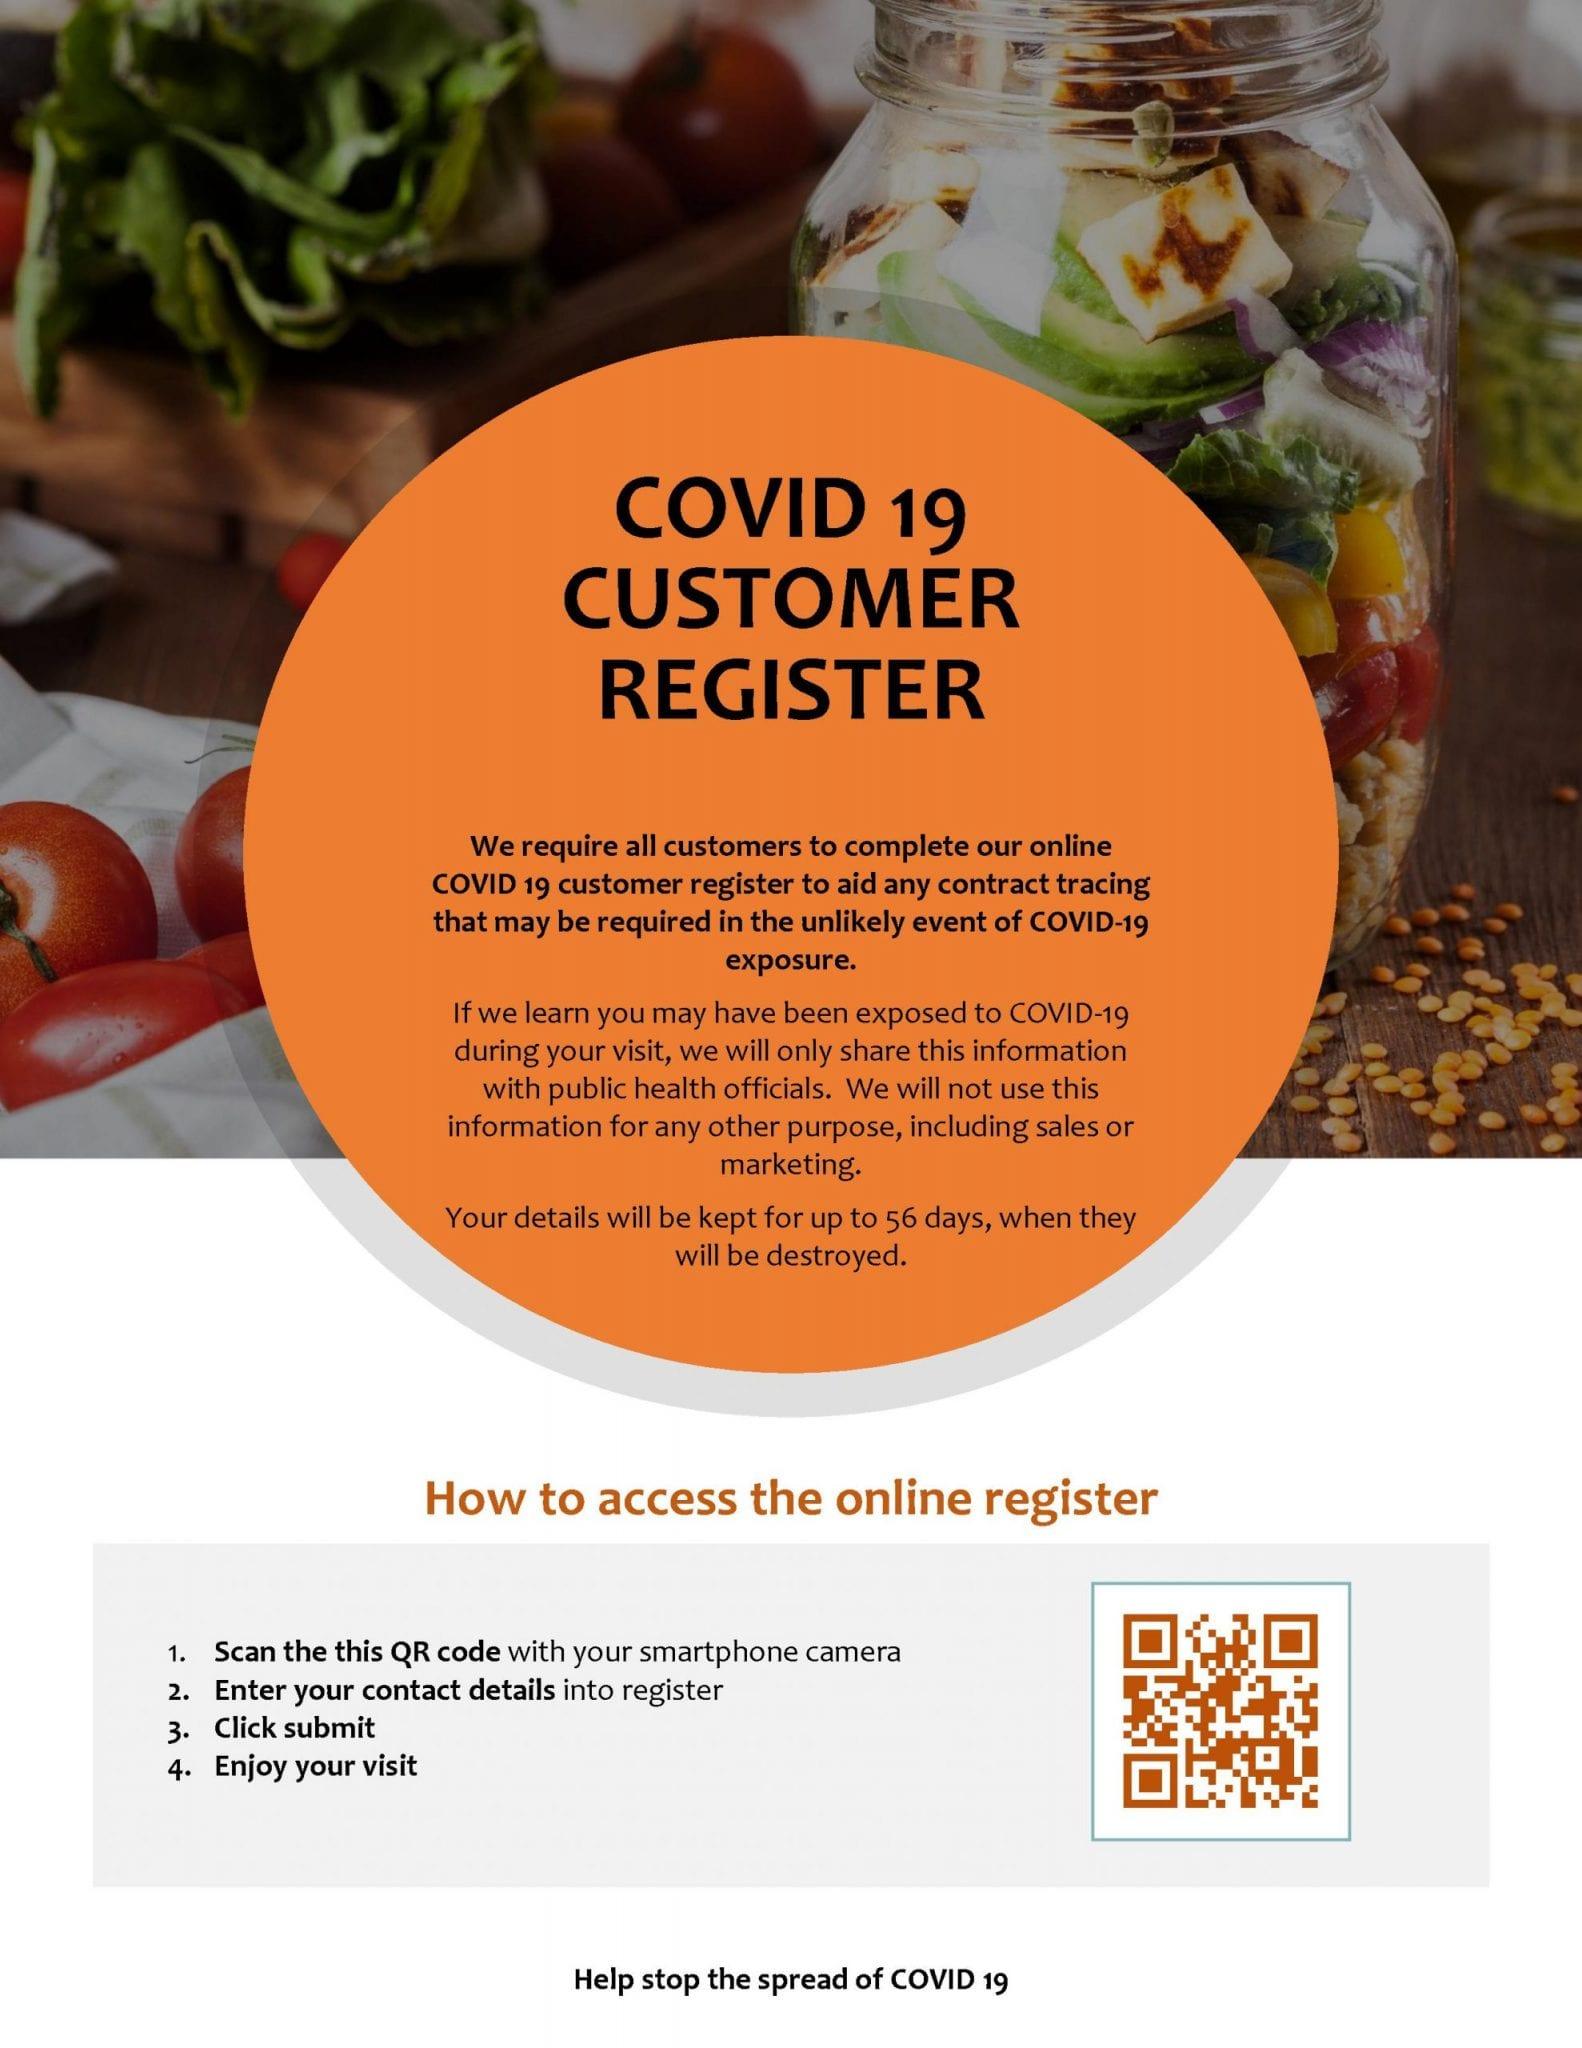 Covid 19 Customer Register Flyer